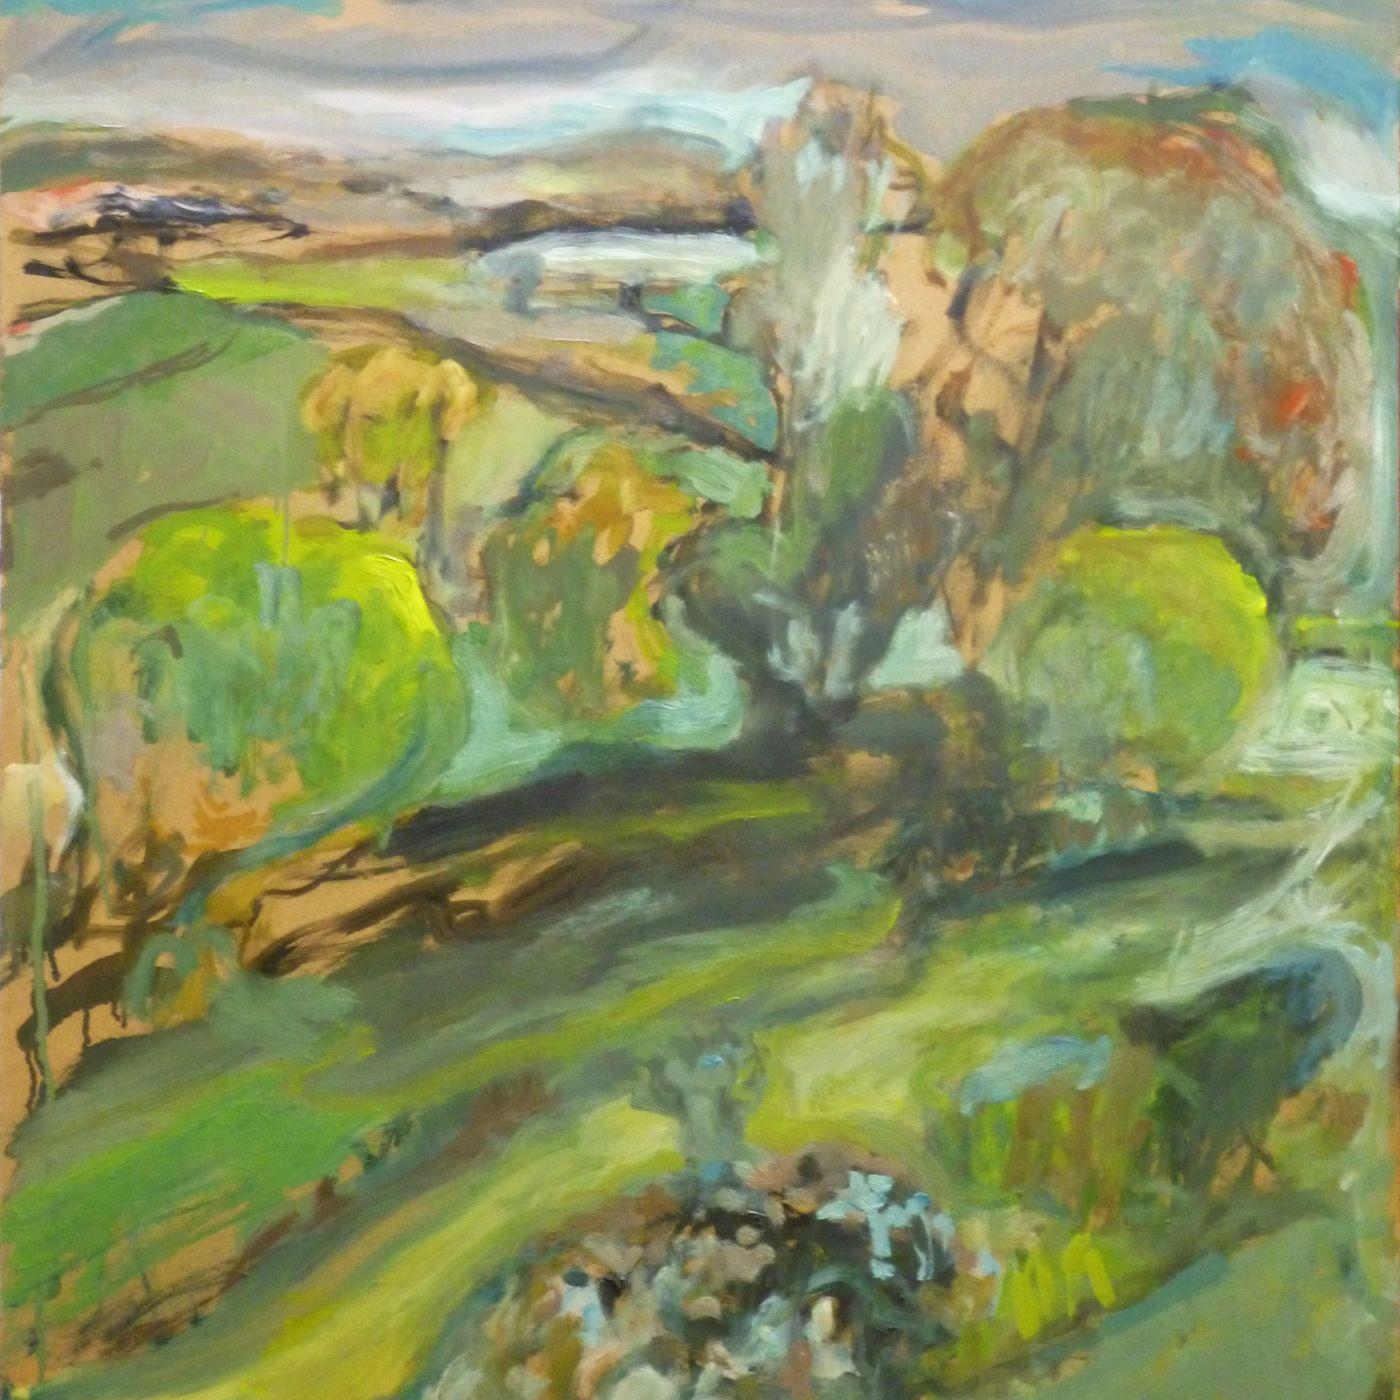 Rebrousse Art' - C'est la rentrée comment voir de belles expositions (Charles Fulgeras) (15/09/19)